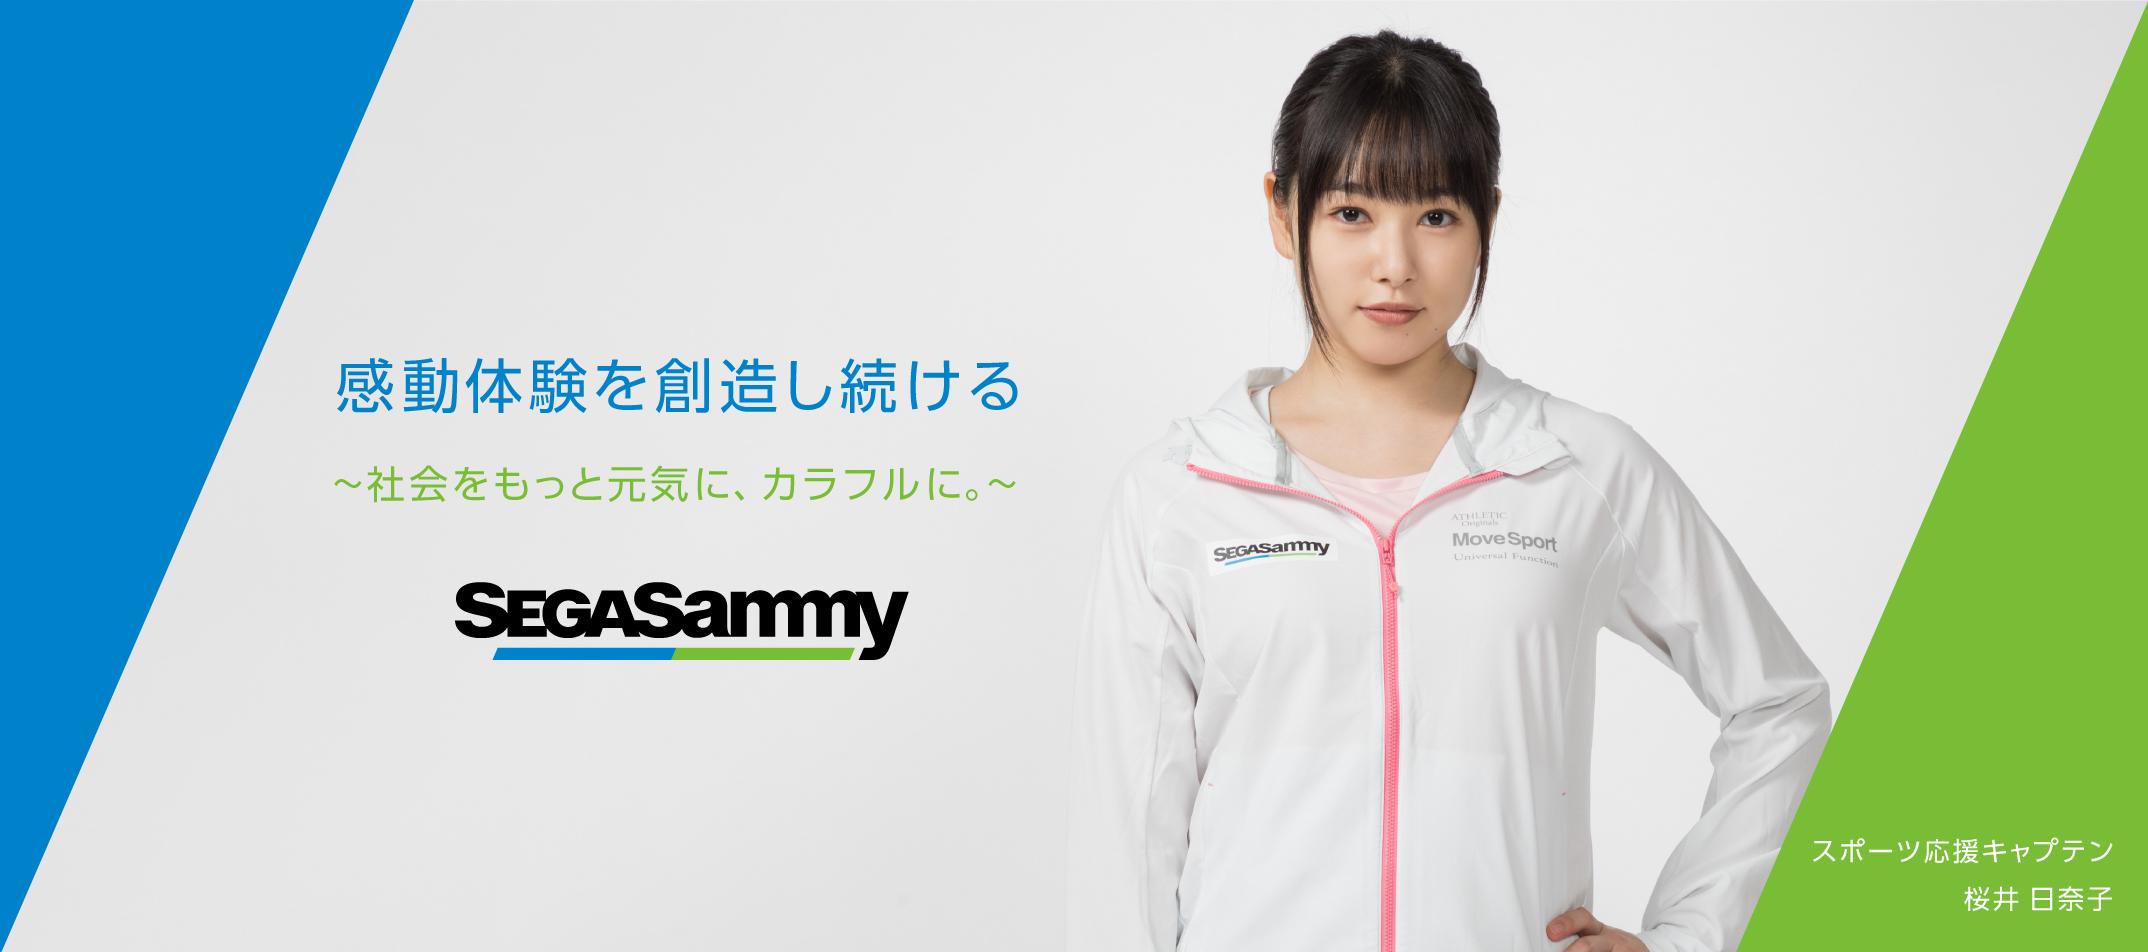 桜井日奈子、セガサミースポーツ応援キャプテンに